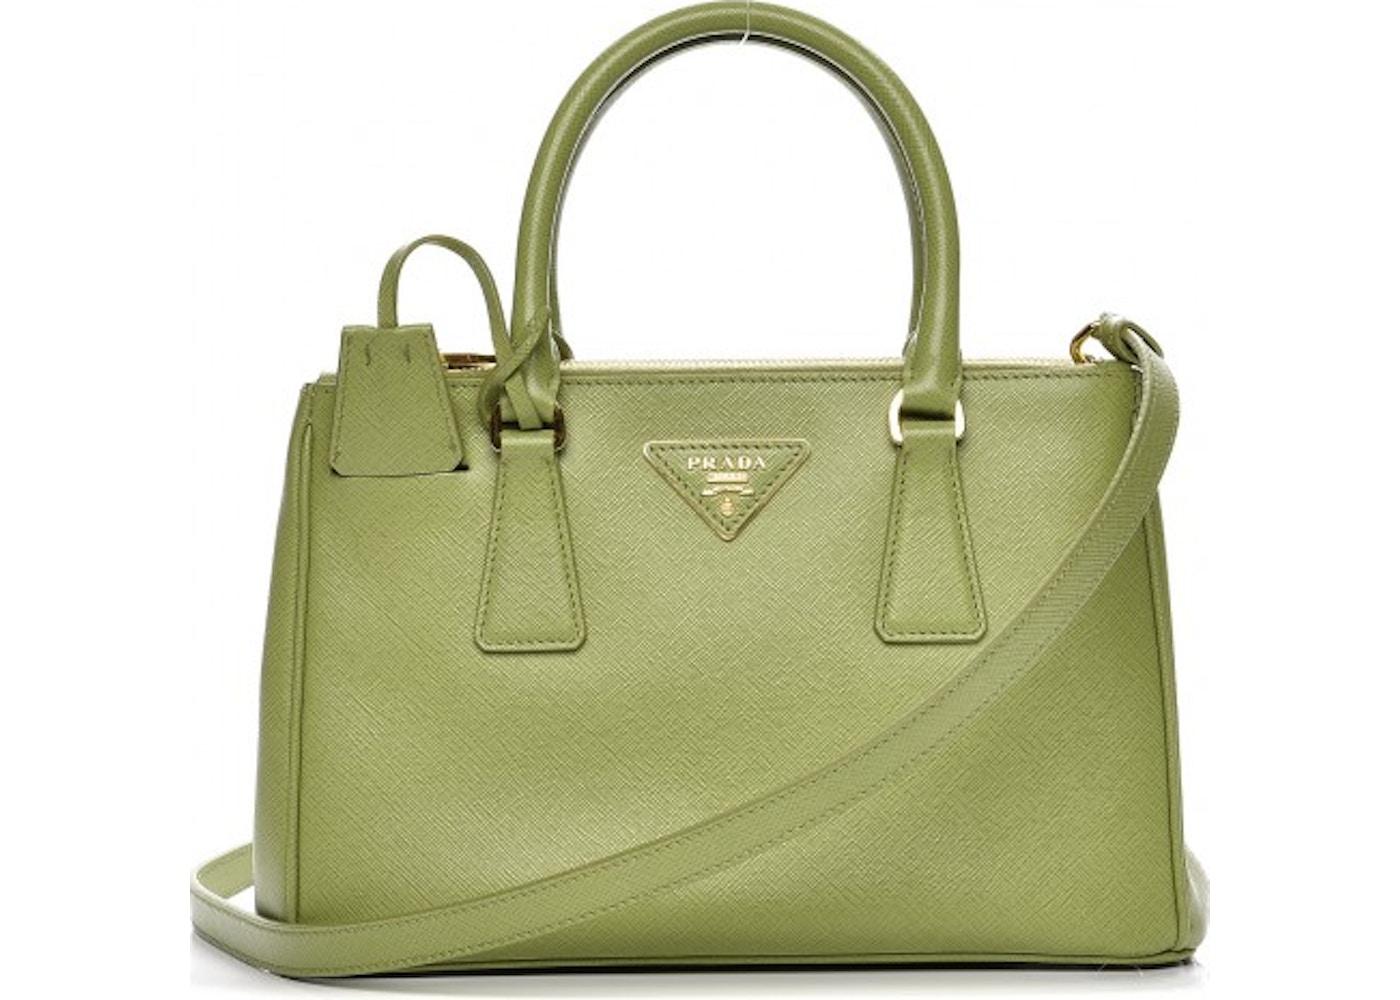 3a4e6e317927 Prada Galleria Double Zip Tote Saffiano Mini Apple Green